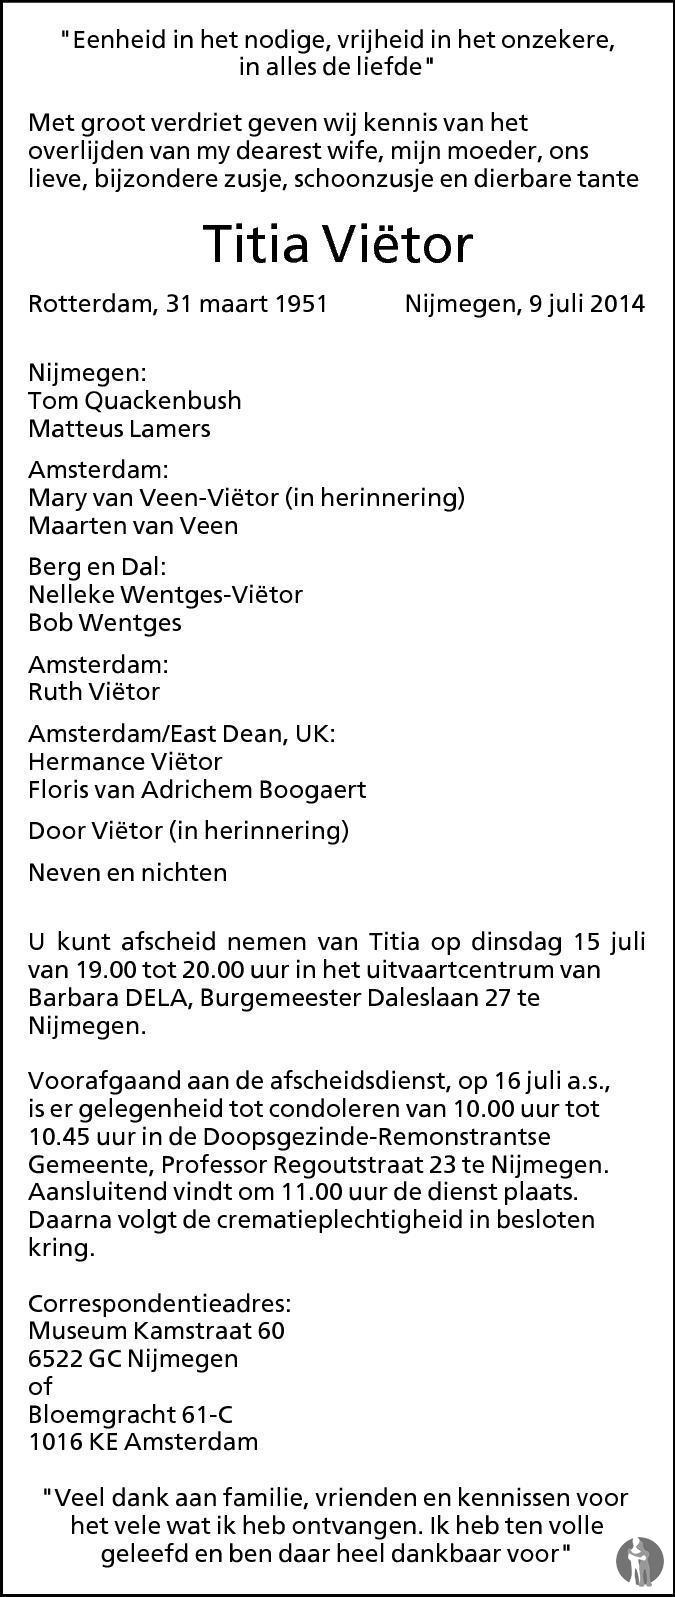 Overlijdensbericht van Titia Viëtor in de Gelderlander